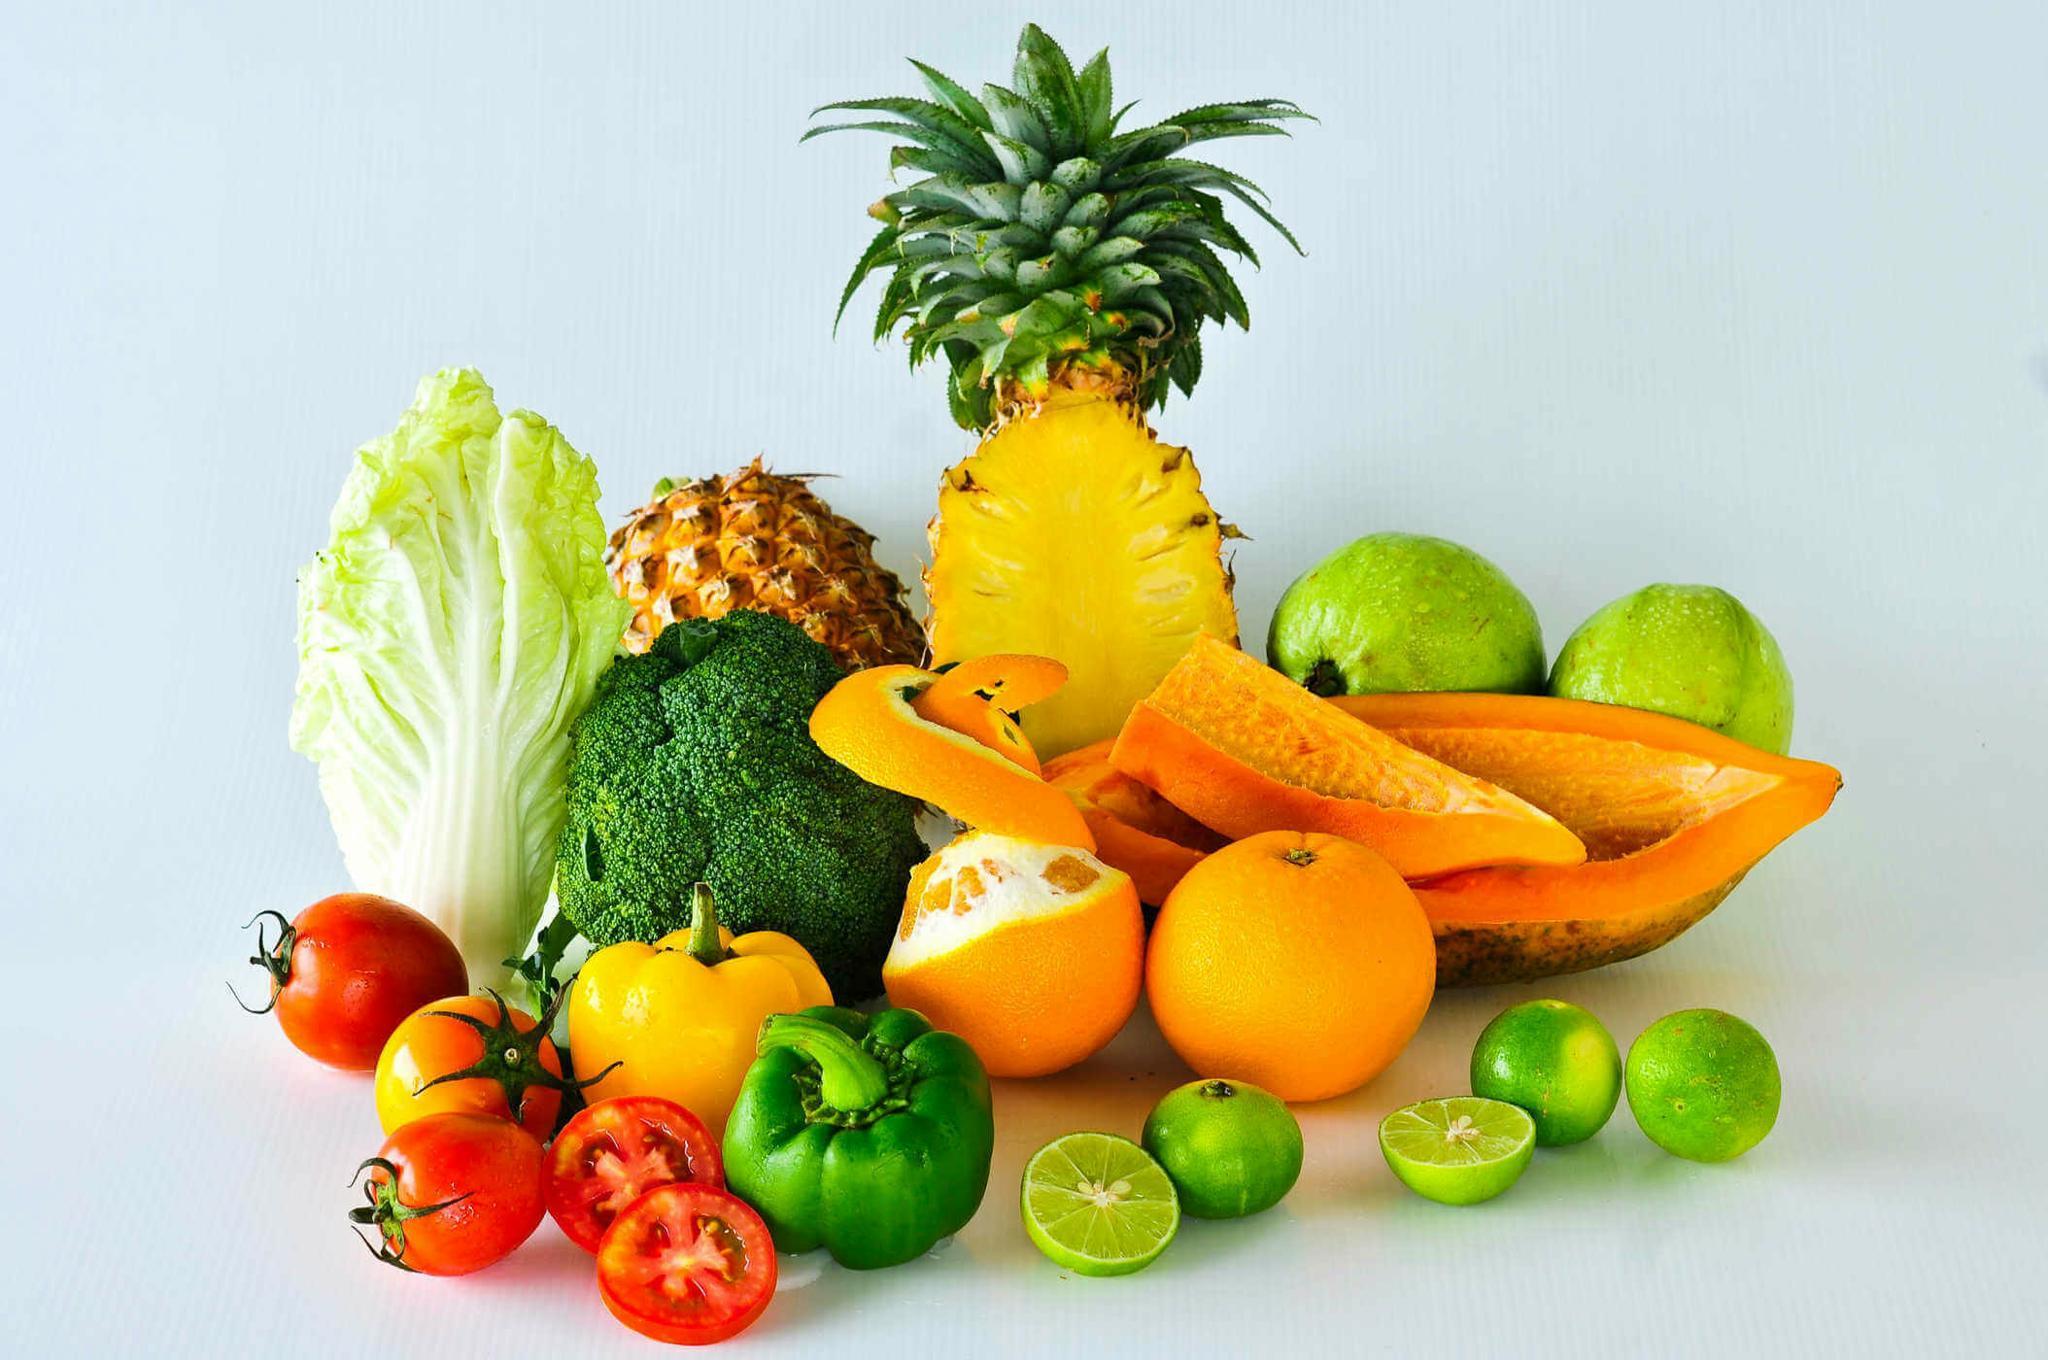 Bệnh tiểu đường nên ăn gì để đảm bảo dinh dưỡng